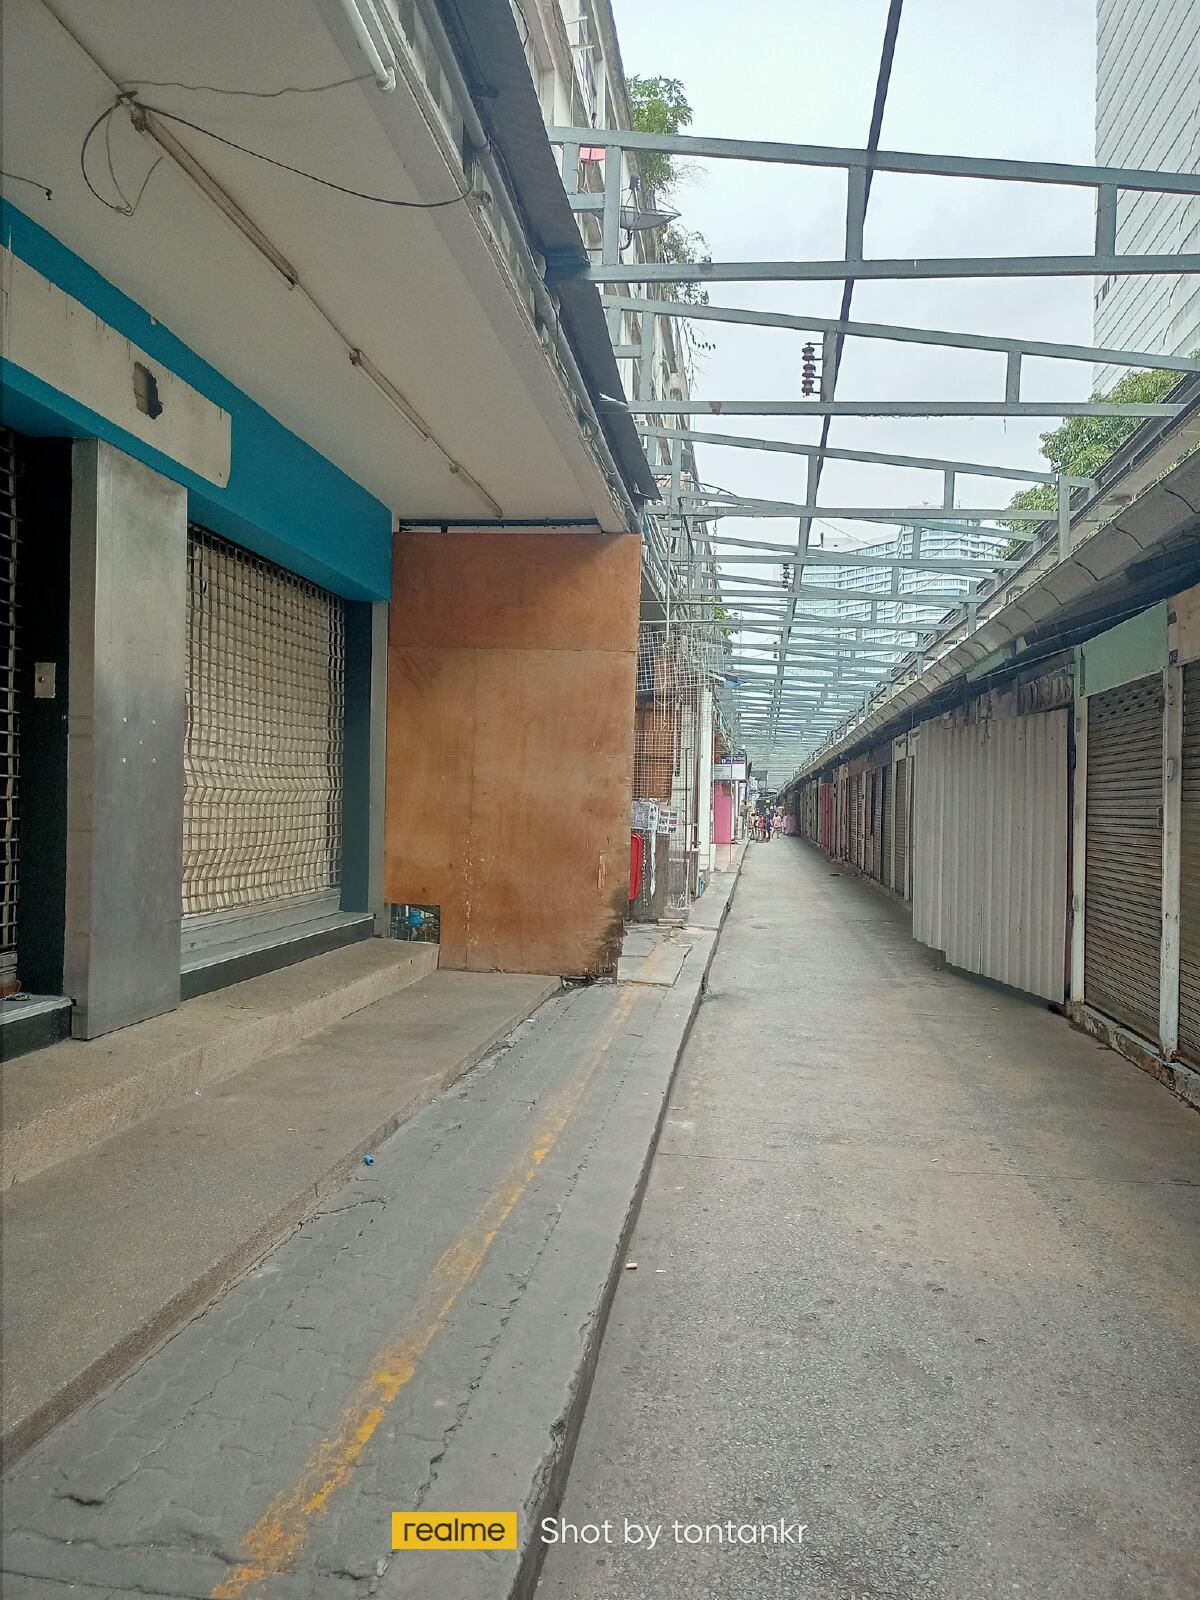 """ไม่มีอีกแล้ว! เผยภาพล่าสุด """"ตลาดคลองสาน พลาซ่า"""" ถูกทุบเตรียมส่งคืนการรถไฟฯ"""